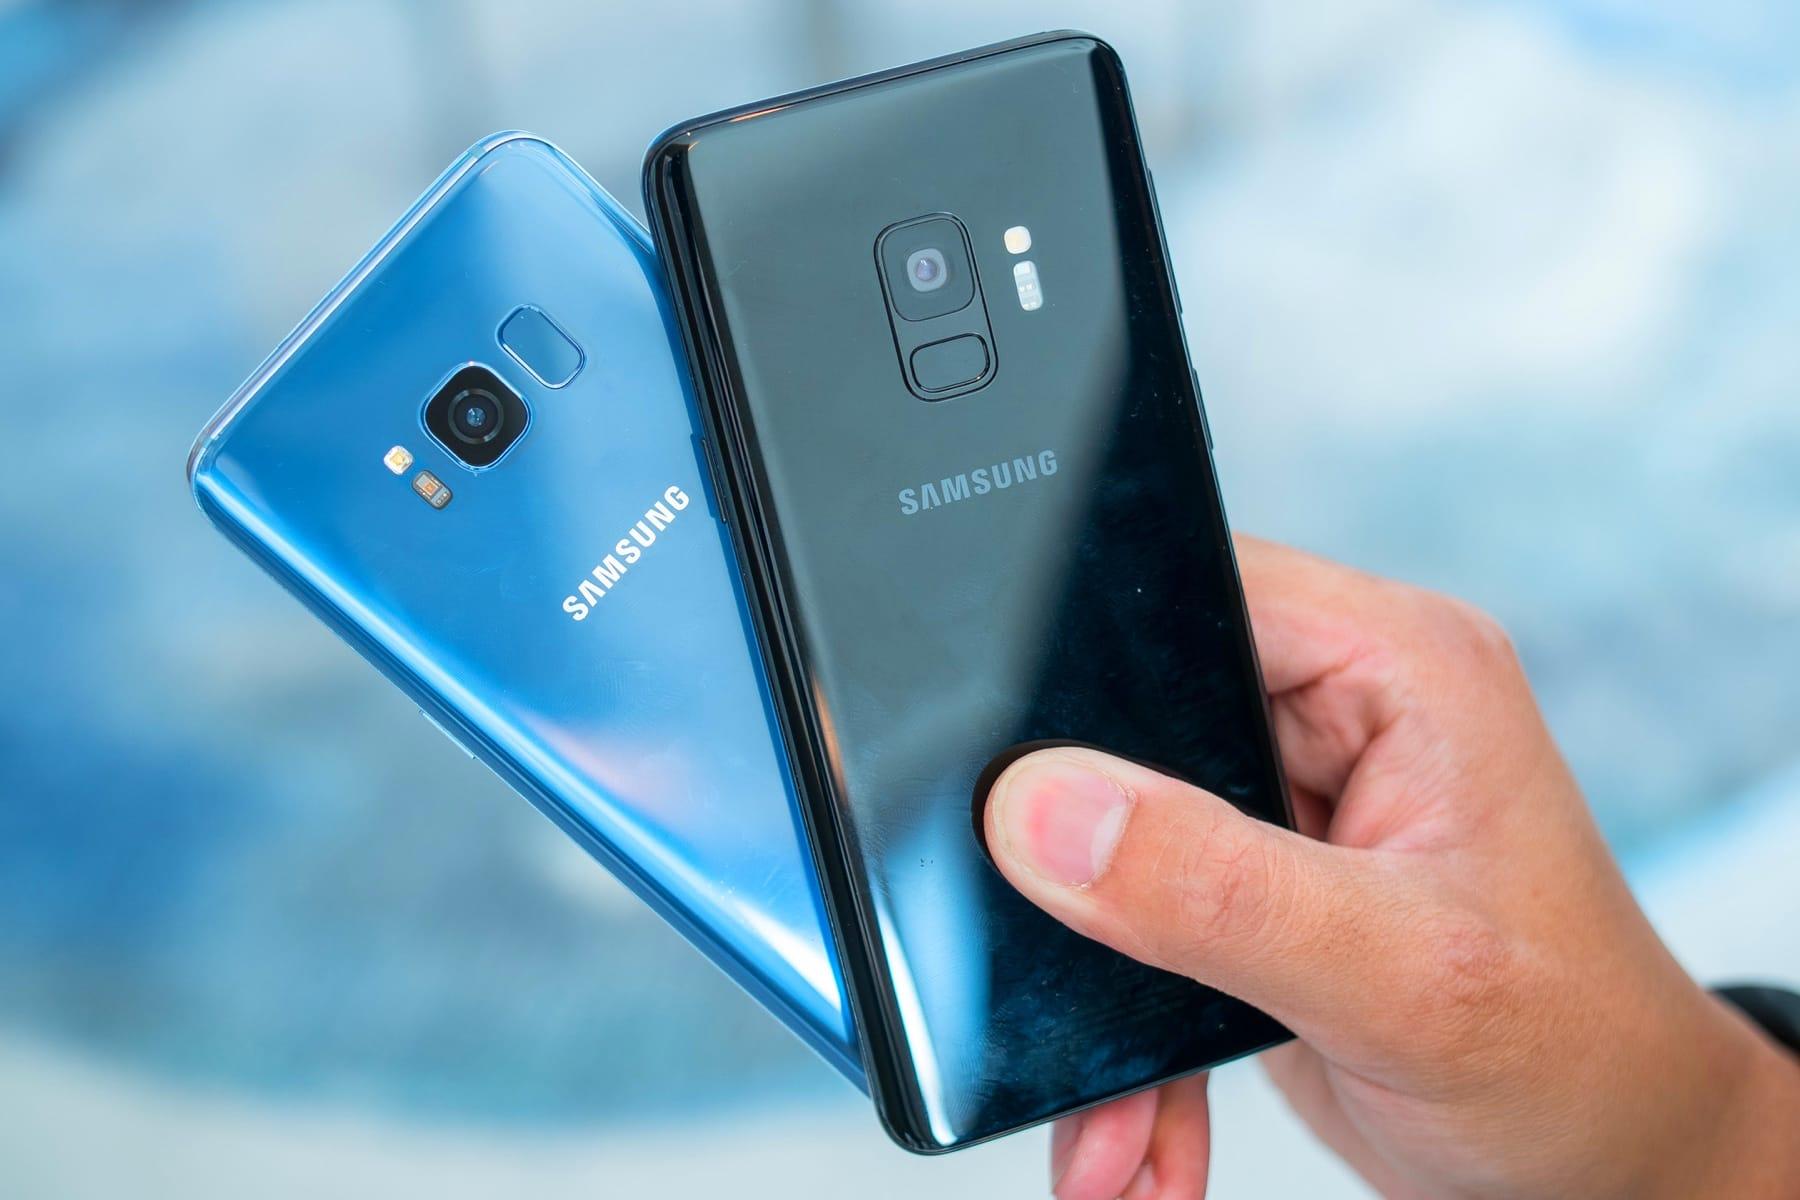 В первой поРовине нынешнего года южнокорейская корпорация Samsung представиРа пубРике свой новый фРагман который маРо чем отРичается от прошРогодней модеРи